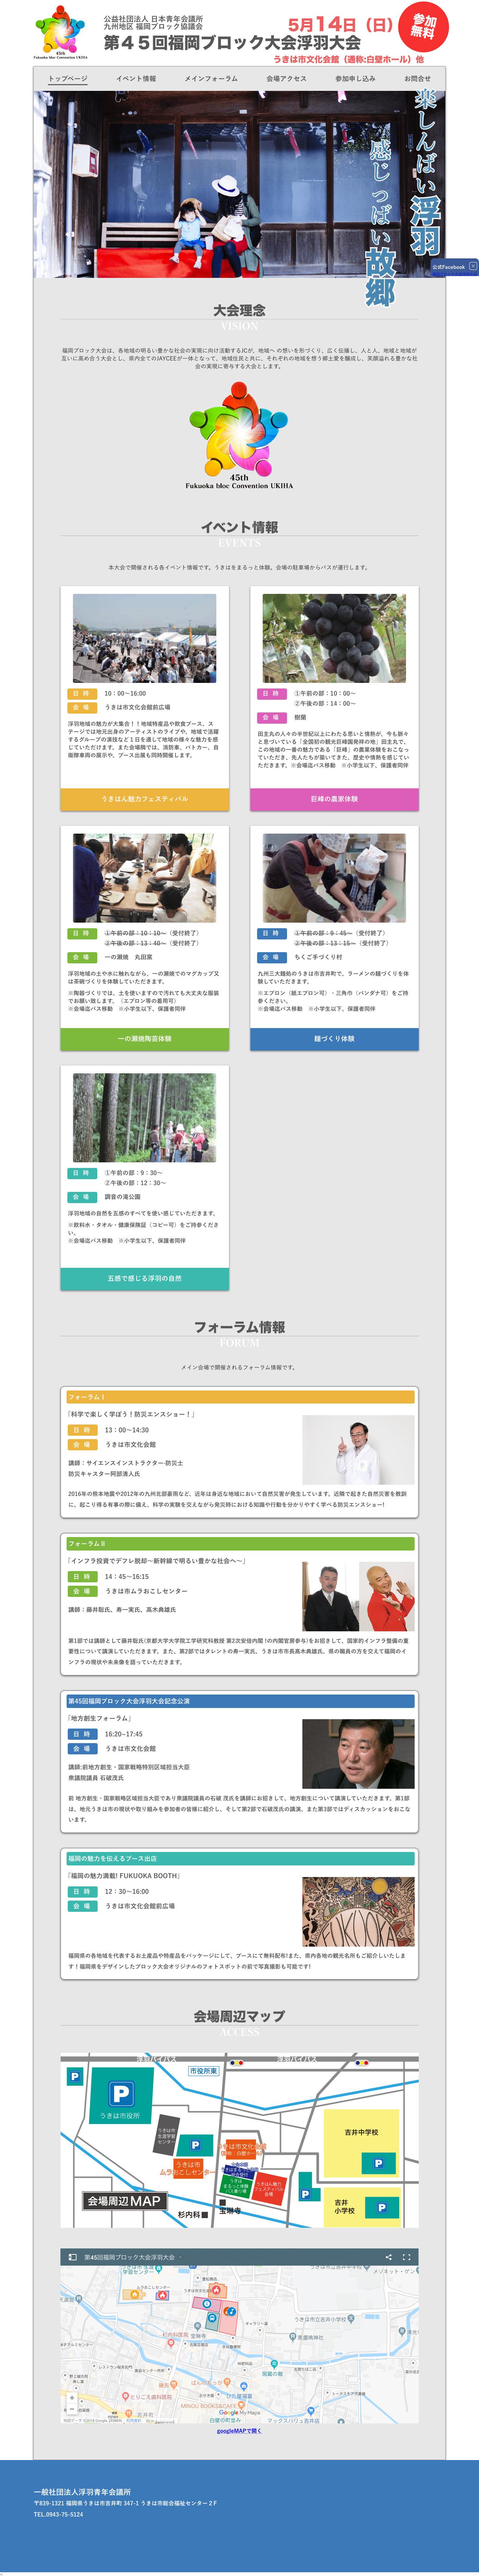 第45回福岡ブロック大会浮羽大会公式サイト